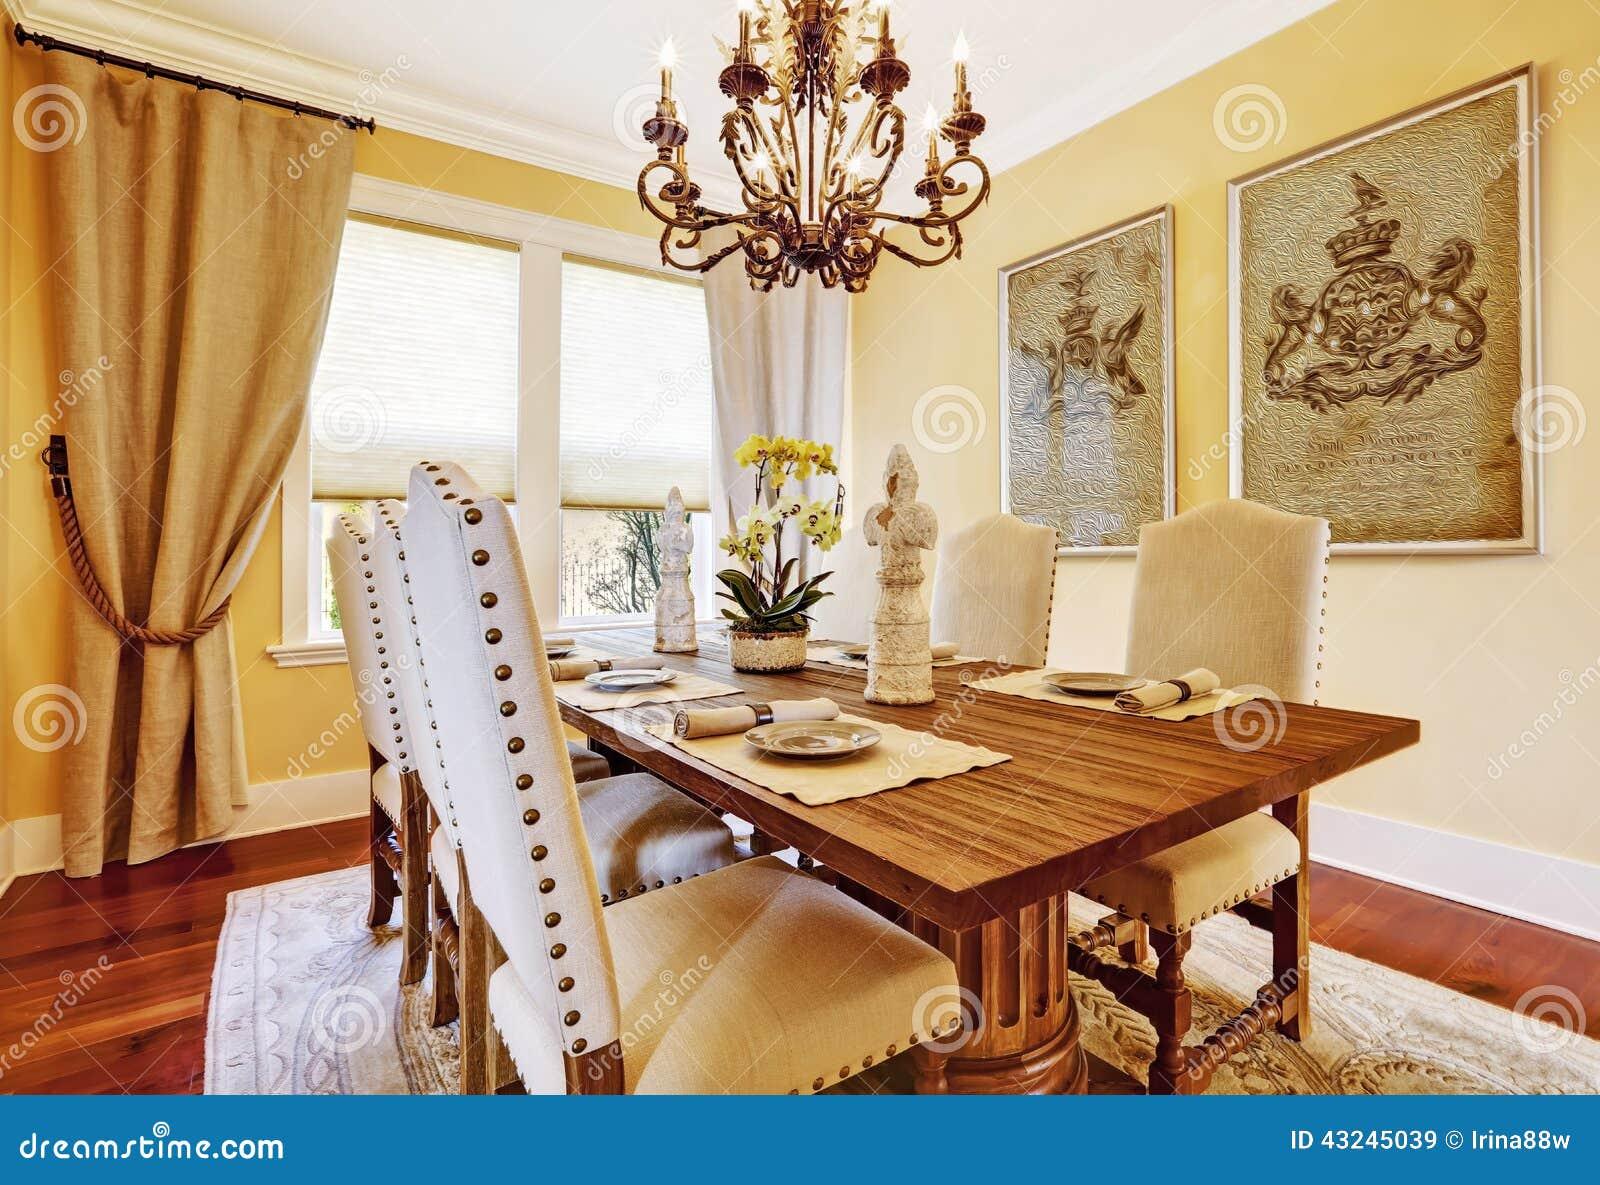 salle manger de luxe avec la table en bois d coup e